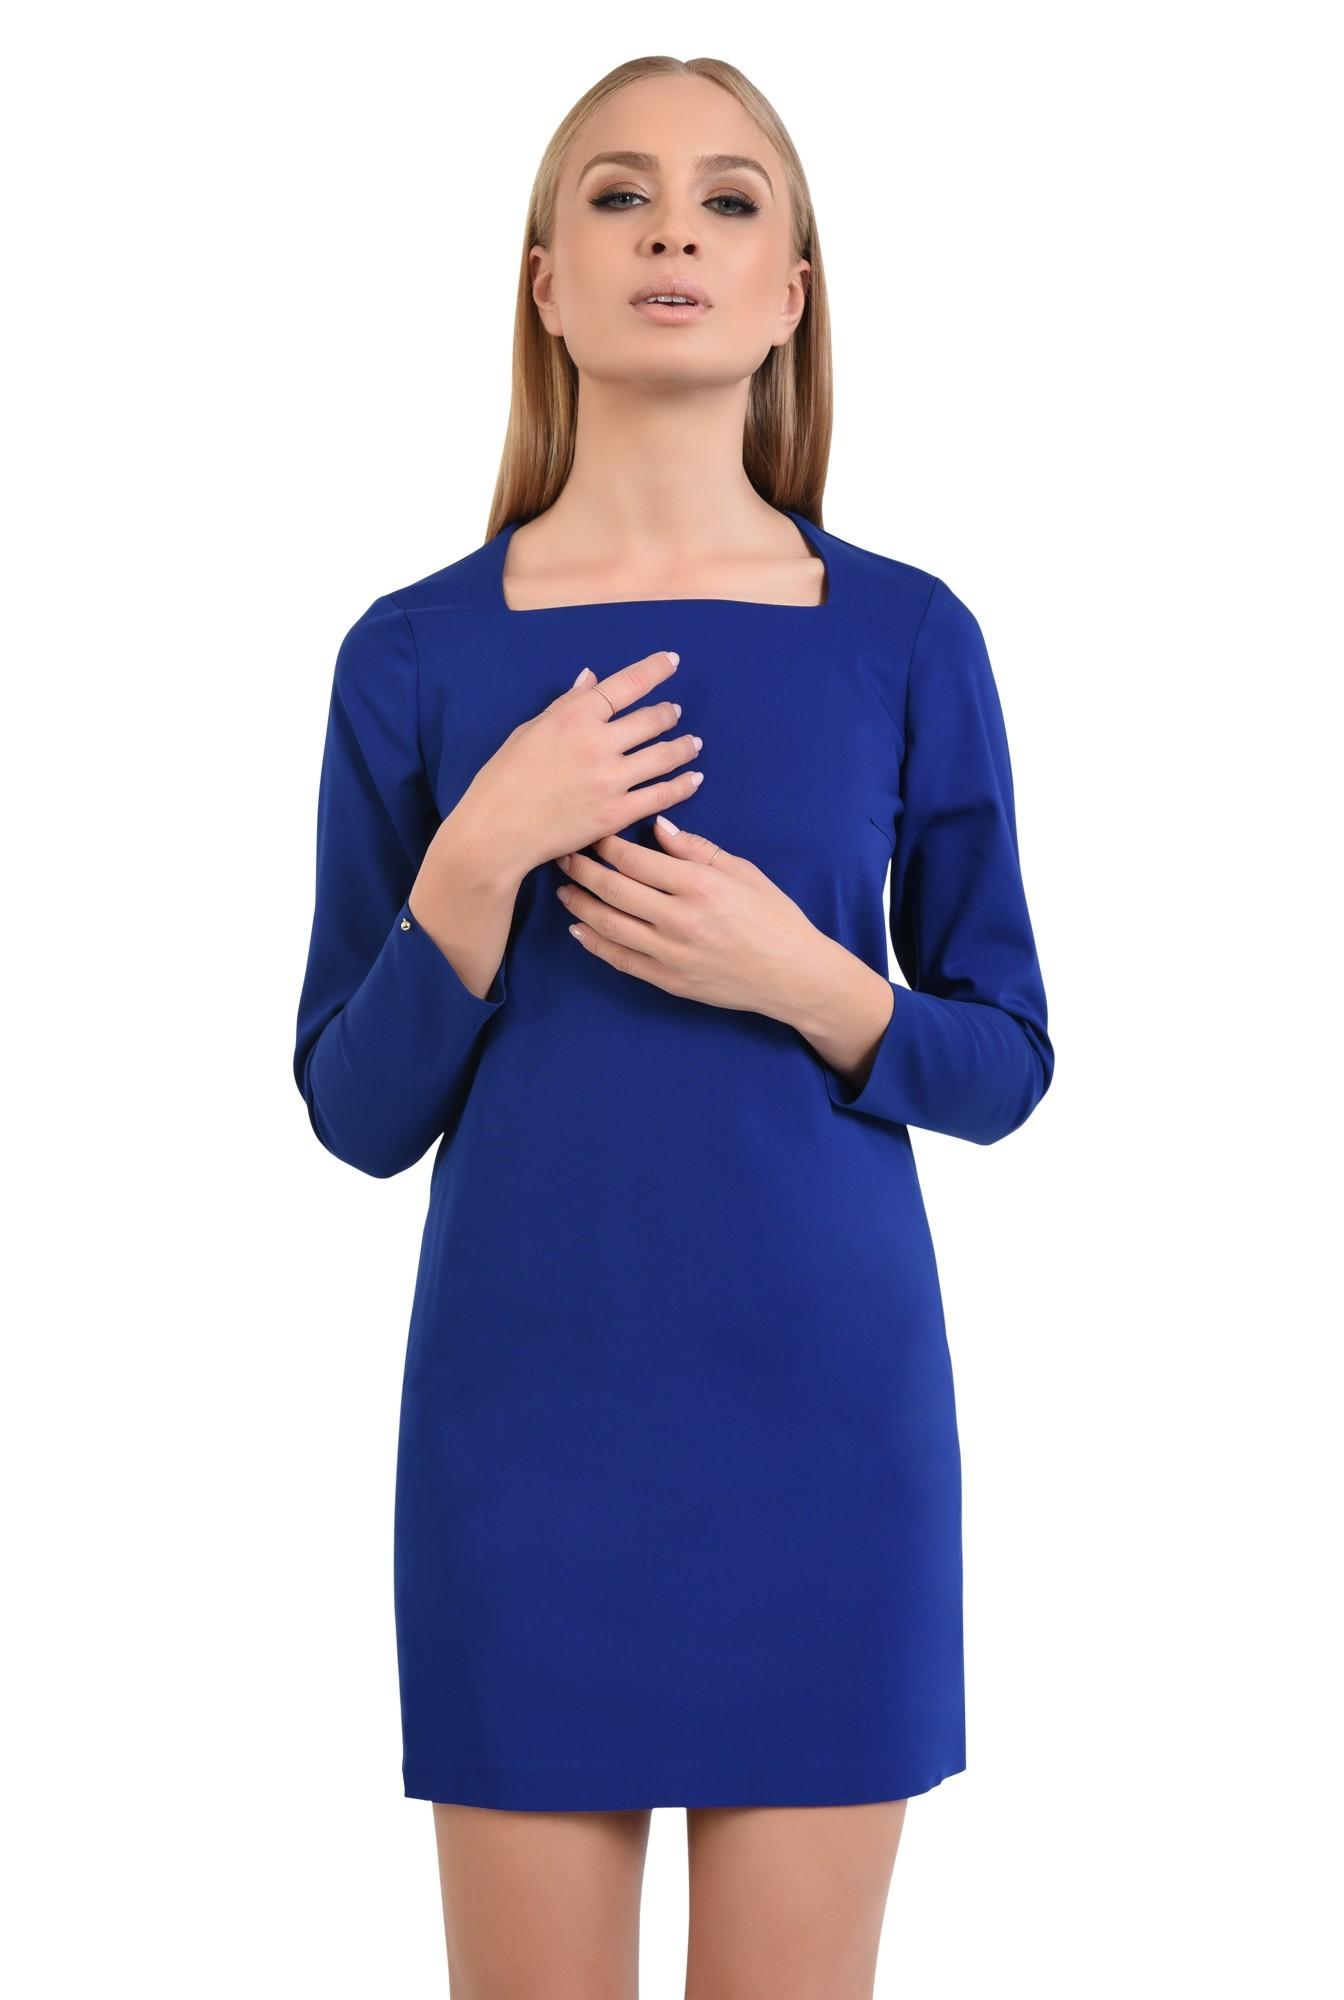 0 - rochie mini, albastru, maneci lungi, decolteu asimetric